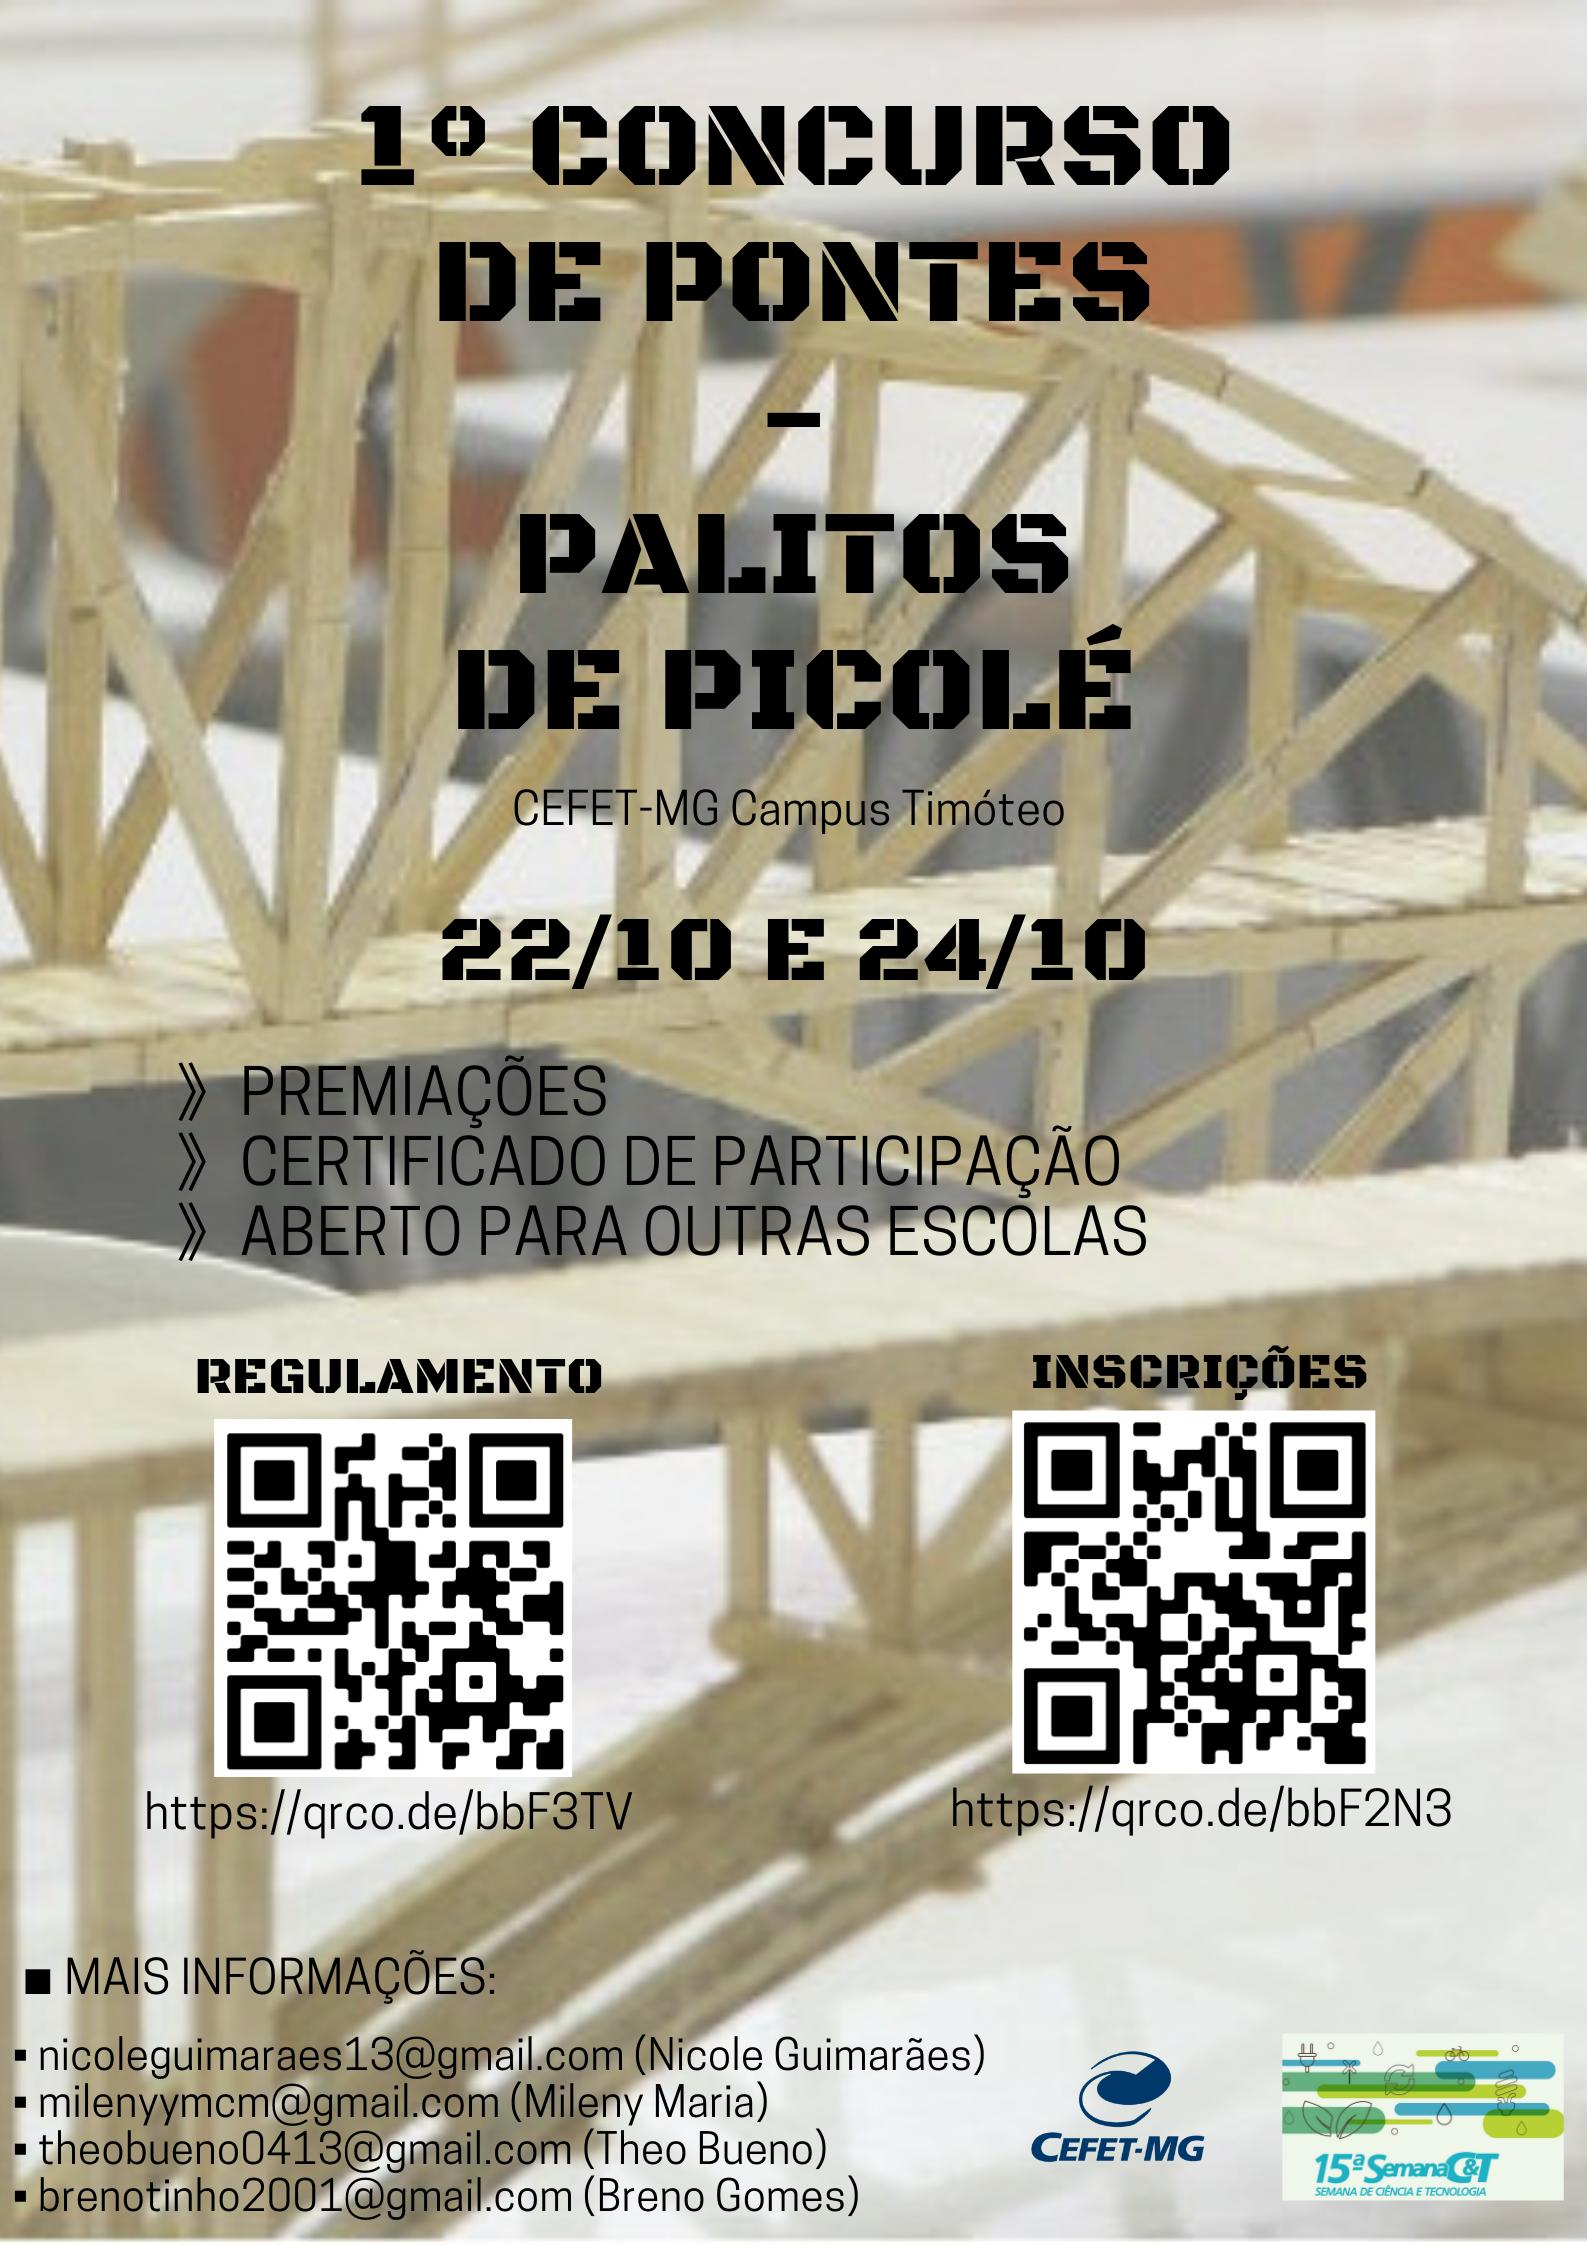 Cartaz_1o_concurso_pontes